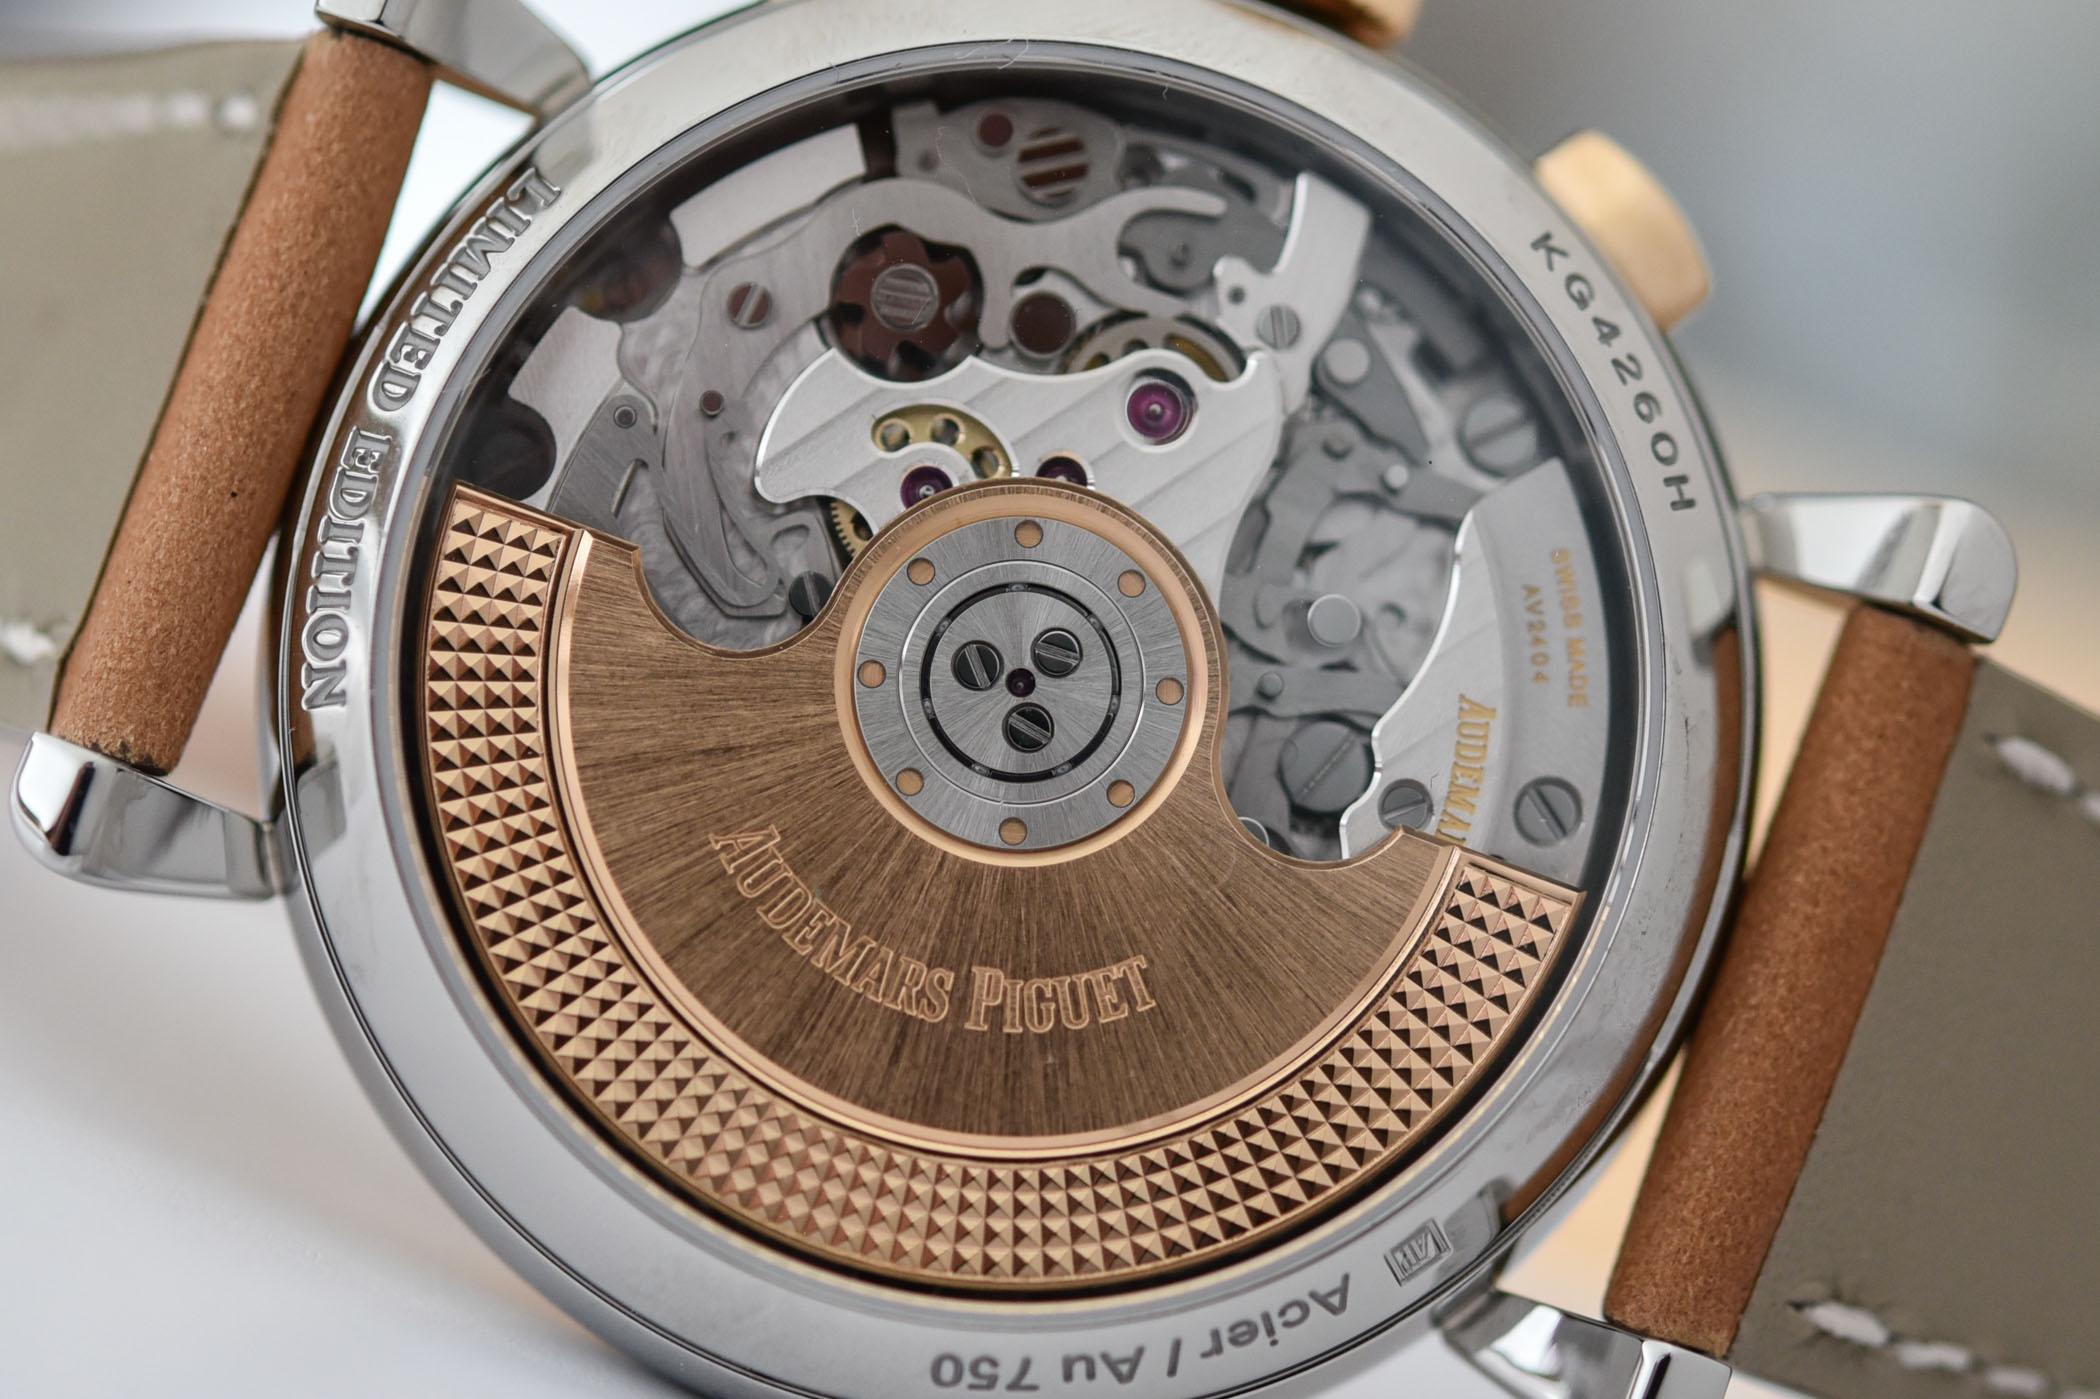 Detalle del calibre 4409 del Audemars Piguet [Re]master01 Selfwinding Chronograph